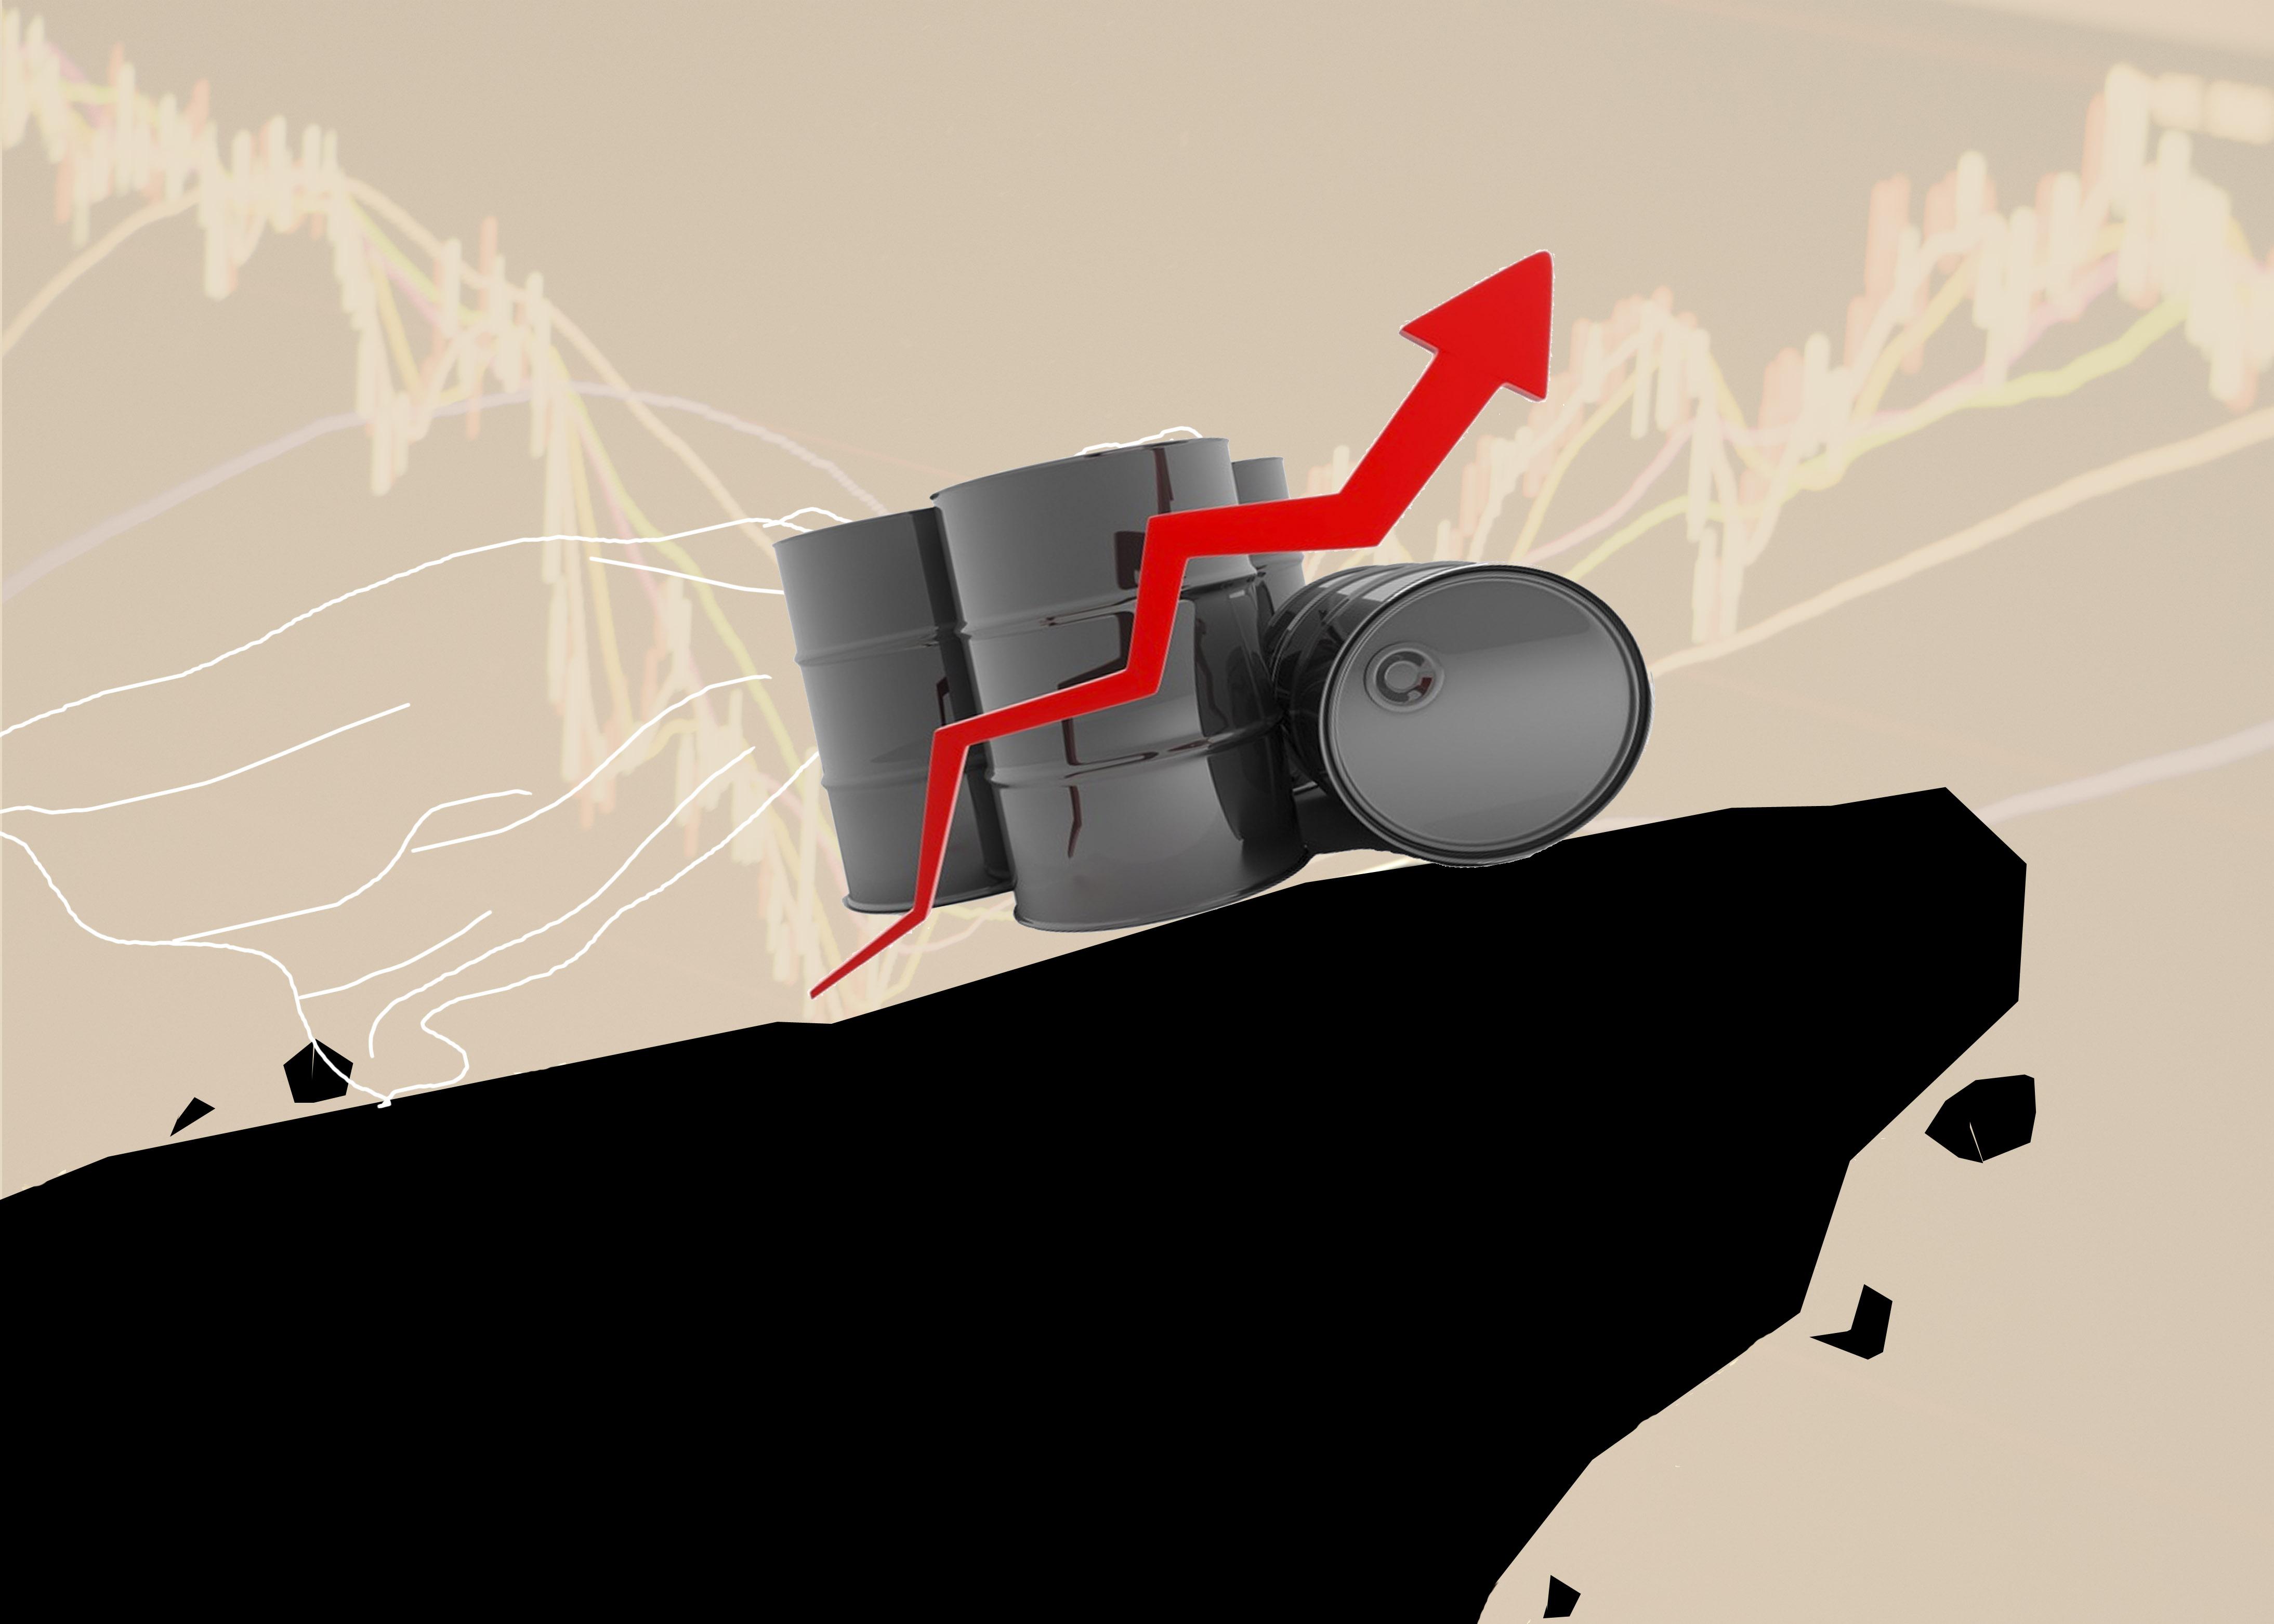 油价受库存预期支撑 周二原油收盘小涨